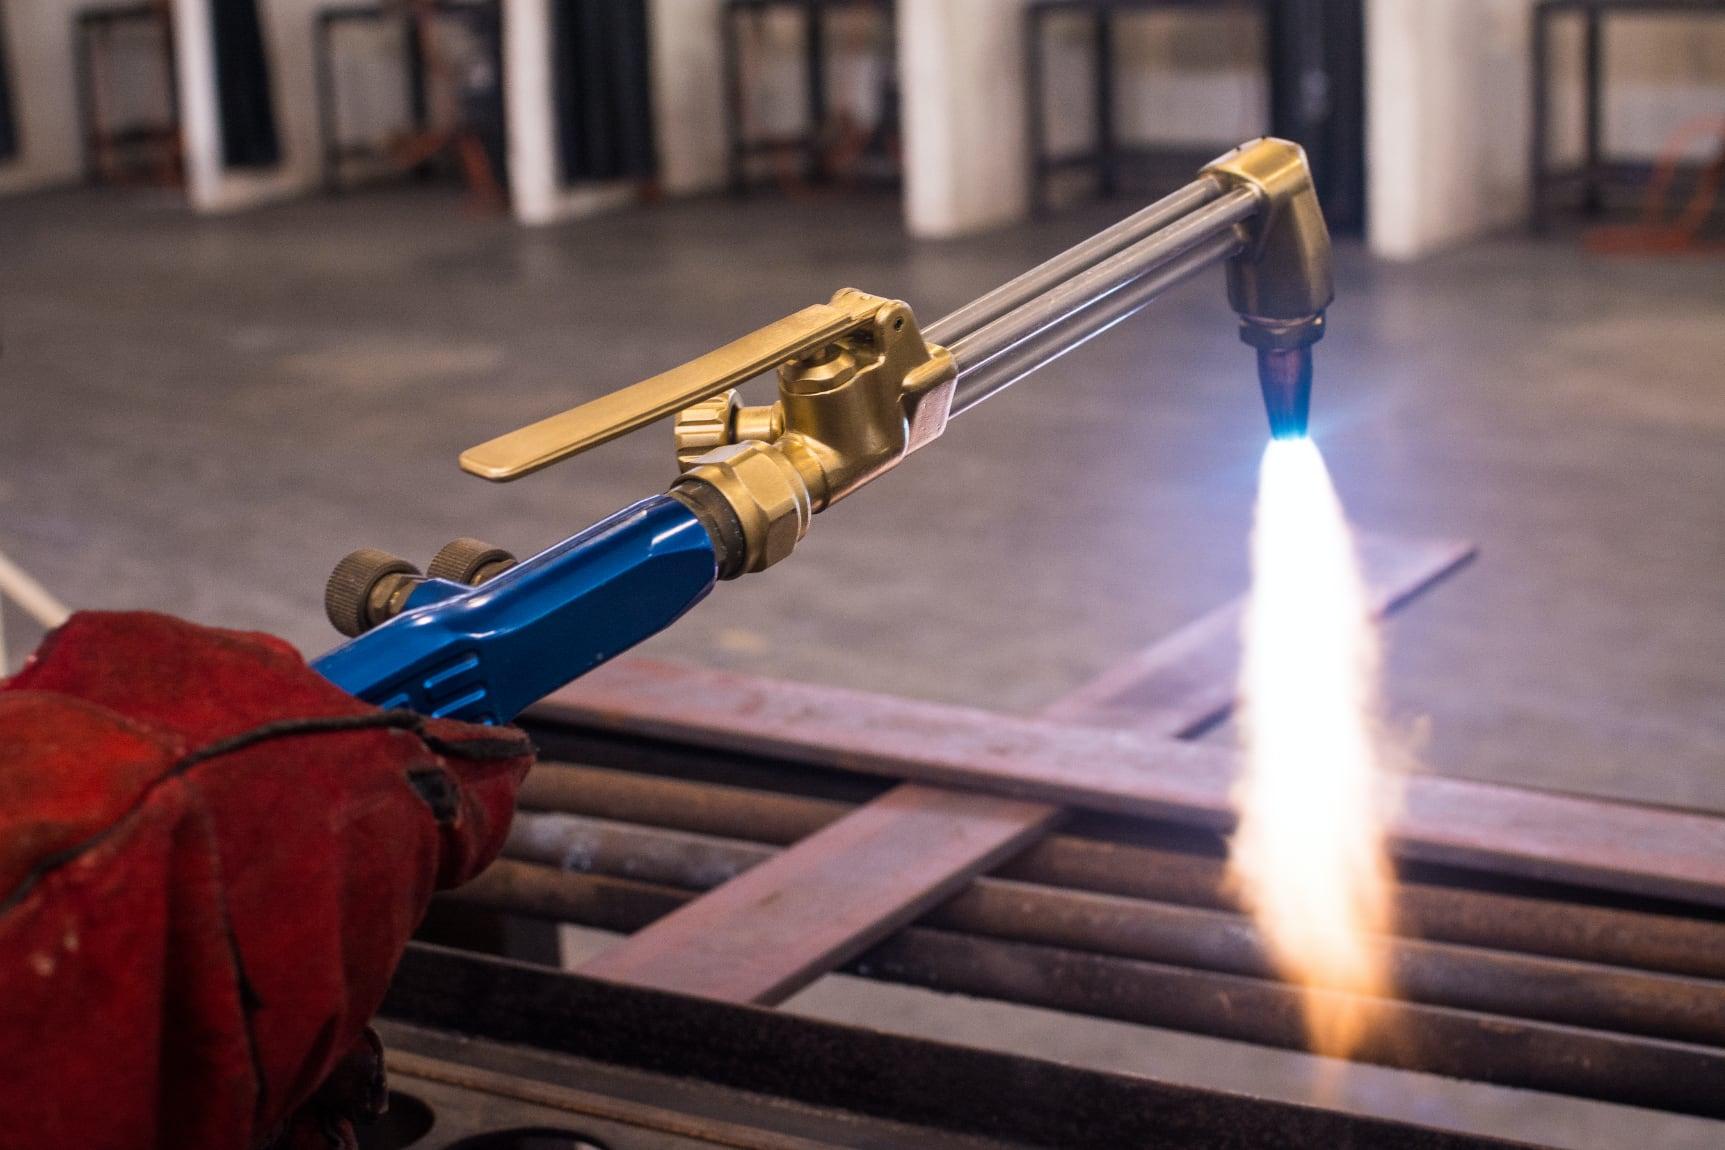 Газовый резак по металлу кислородно пропановый, как пользоваться и правила работы